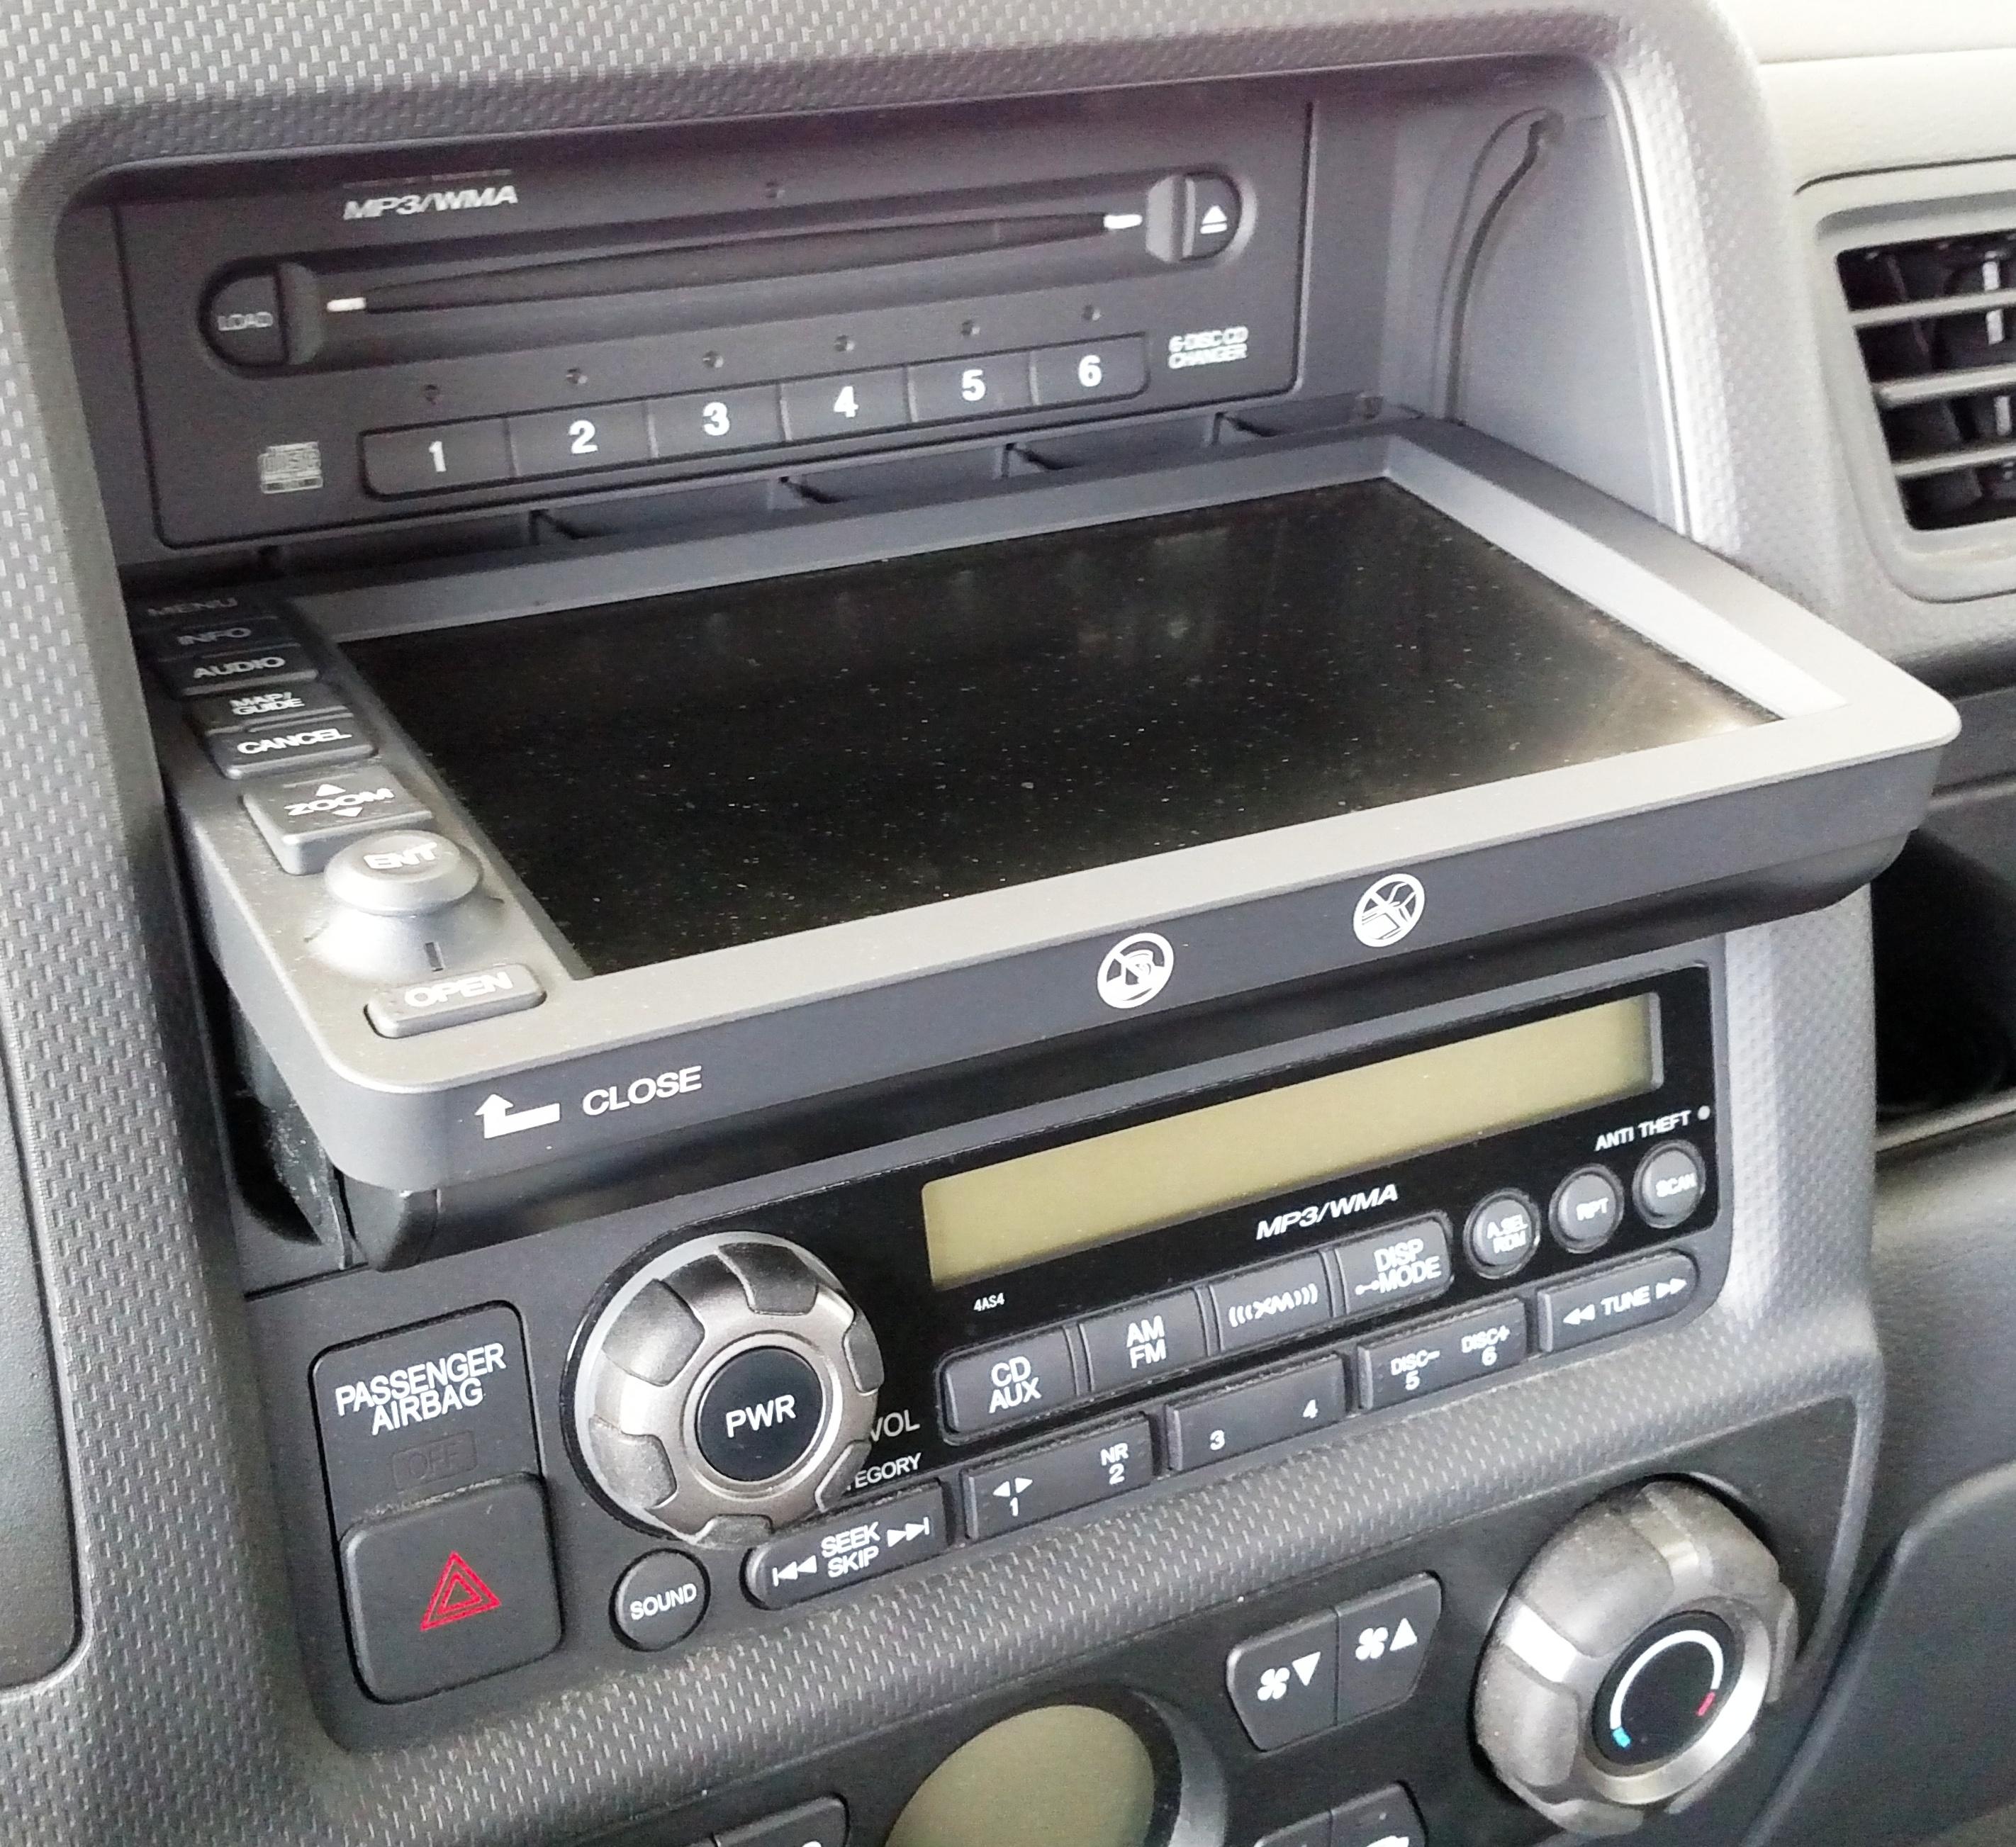 File Honda Ridgeline Cd Changer For Gps Navigation Option